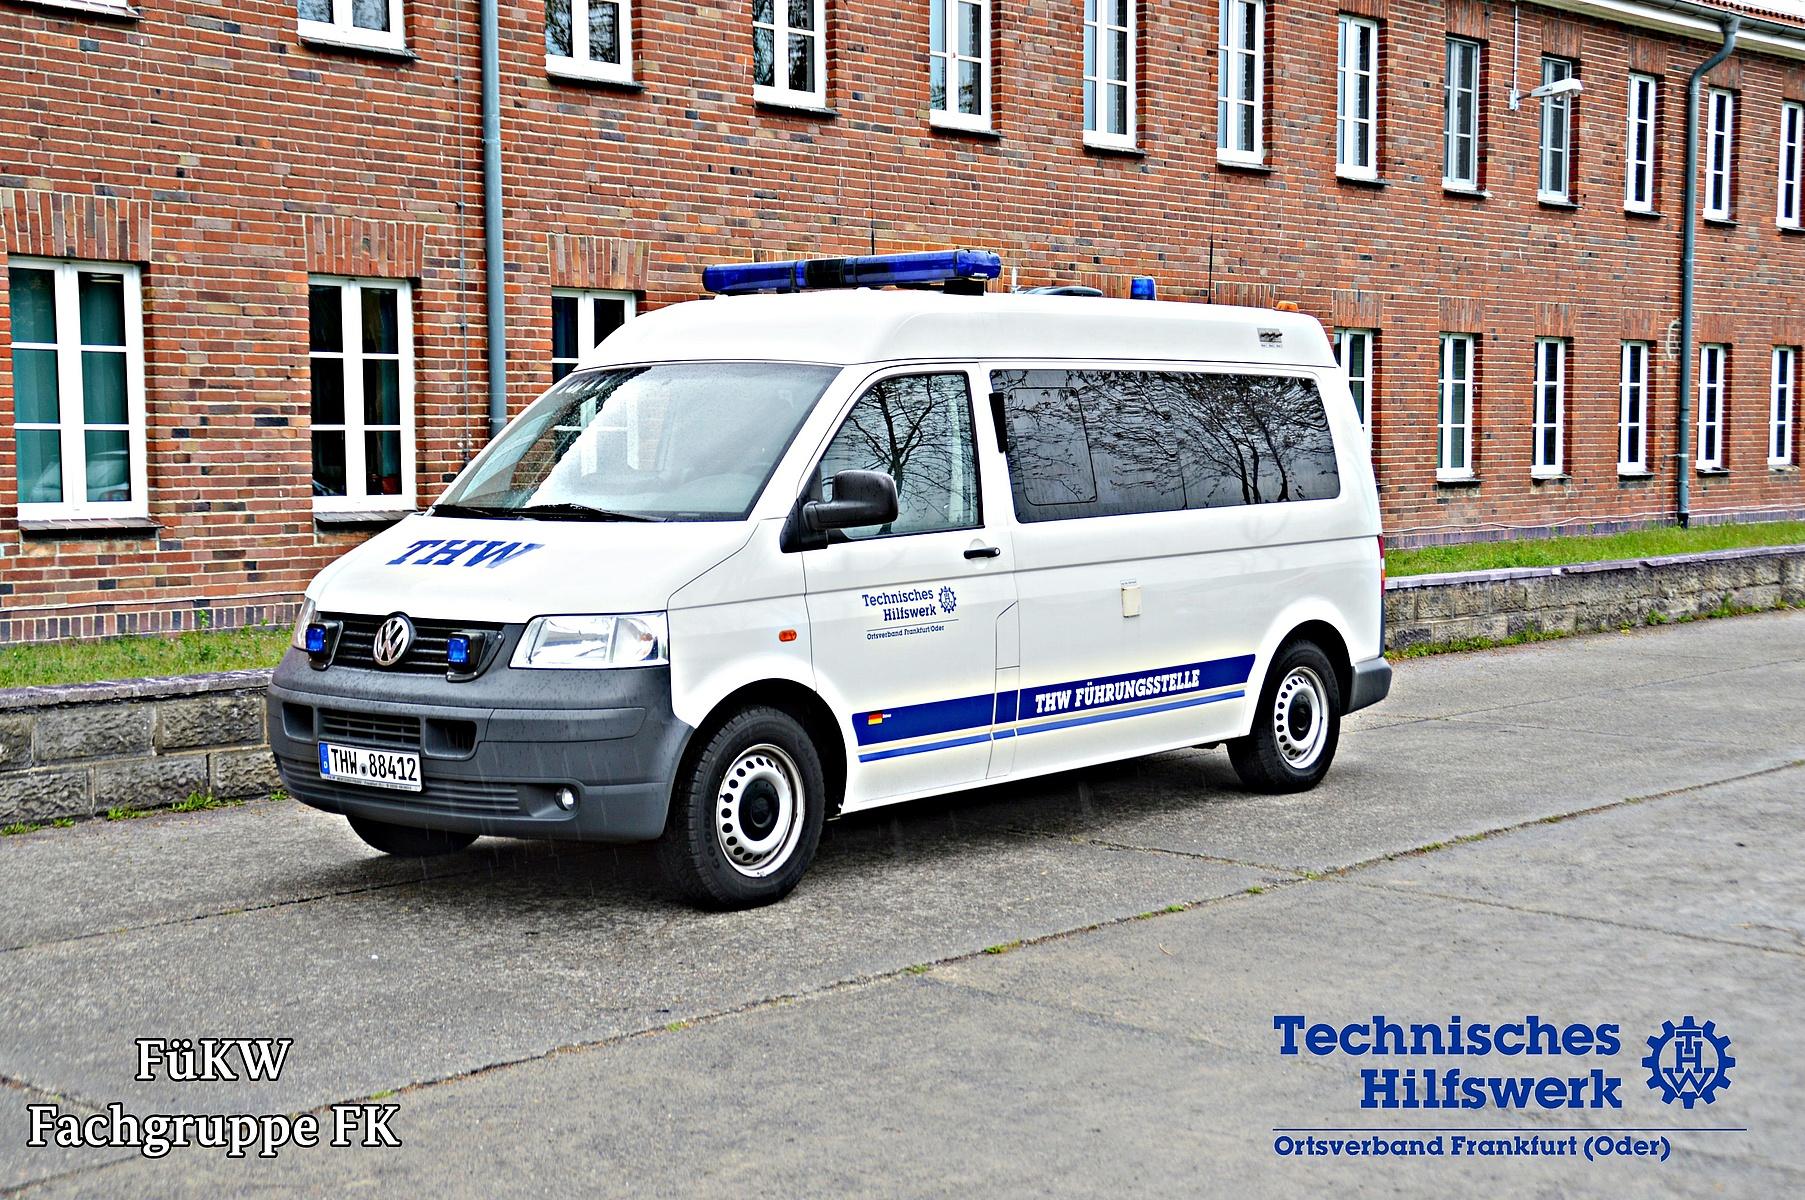 volkswagen extranet volkswagen vw caravelle 7 seat mpv. Black Bedroom Furniture Sets. Home Design Ideas